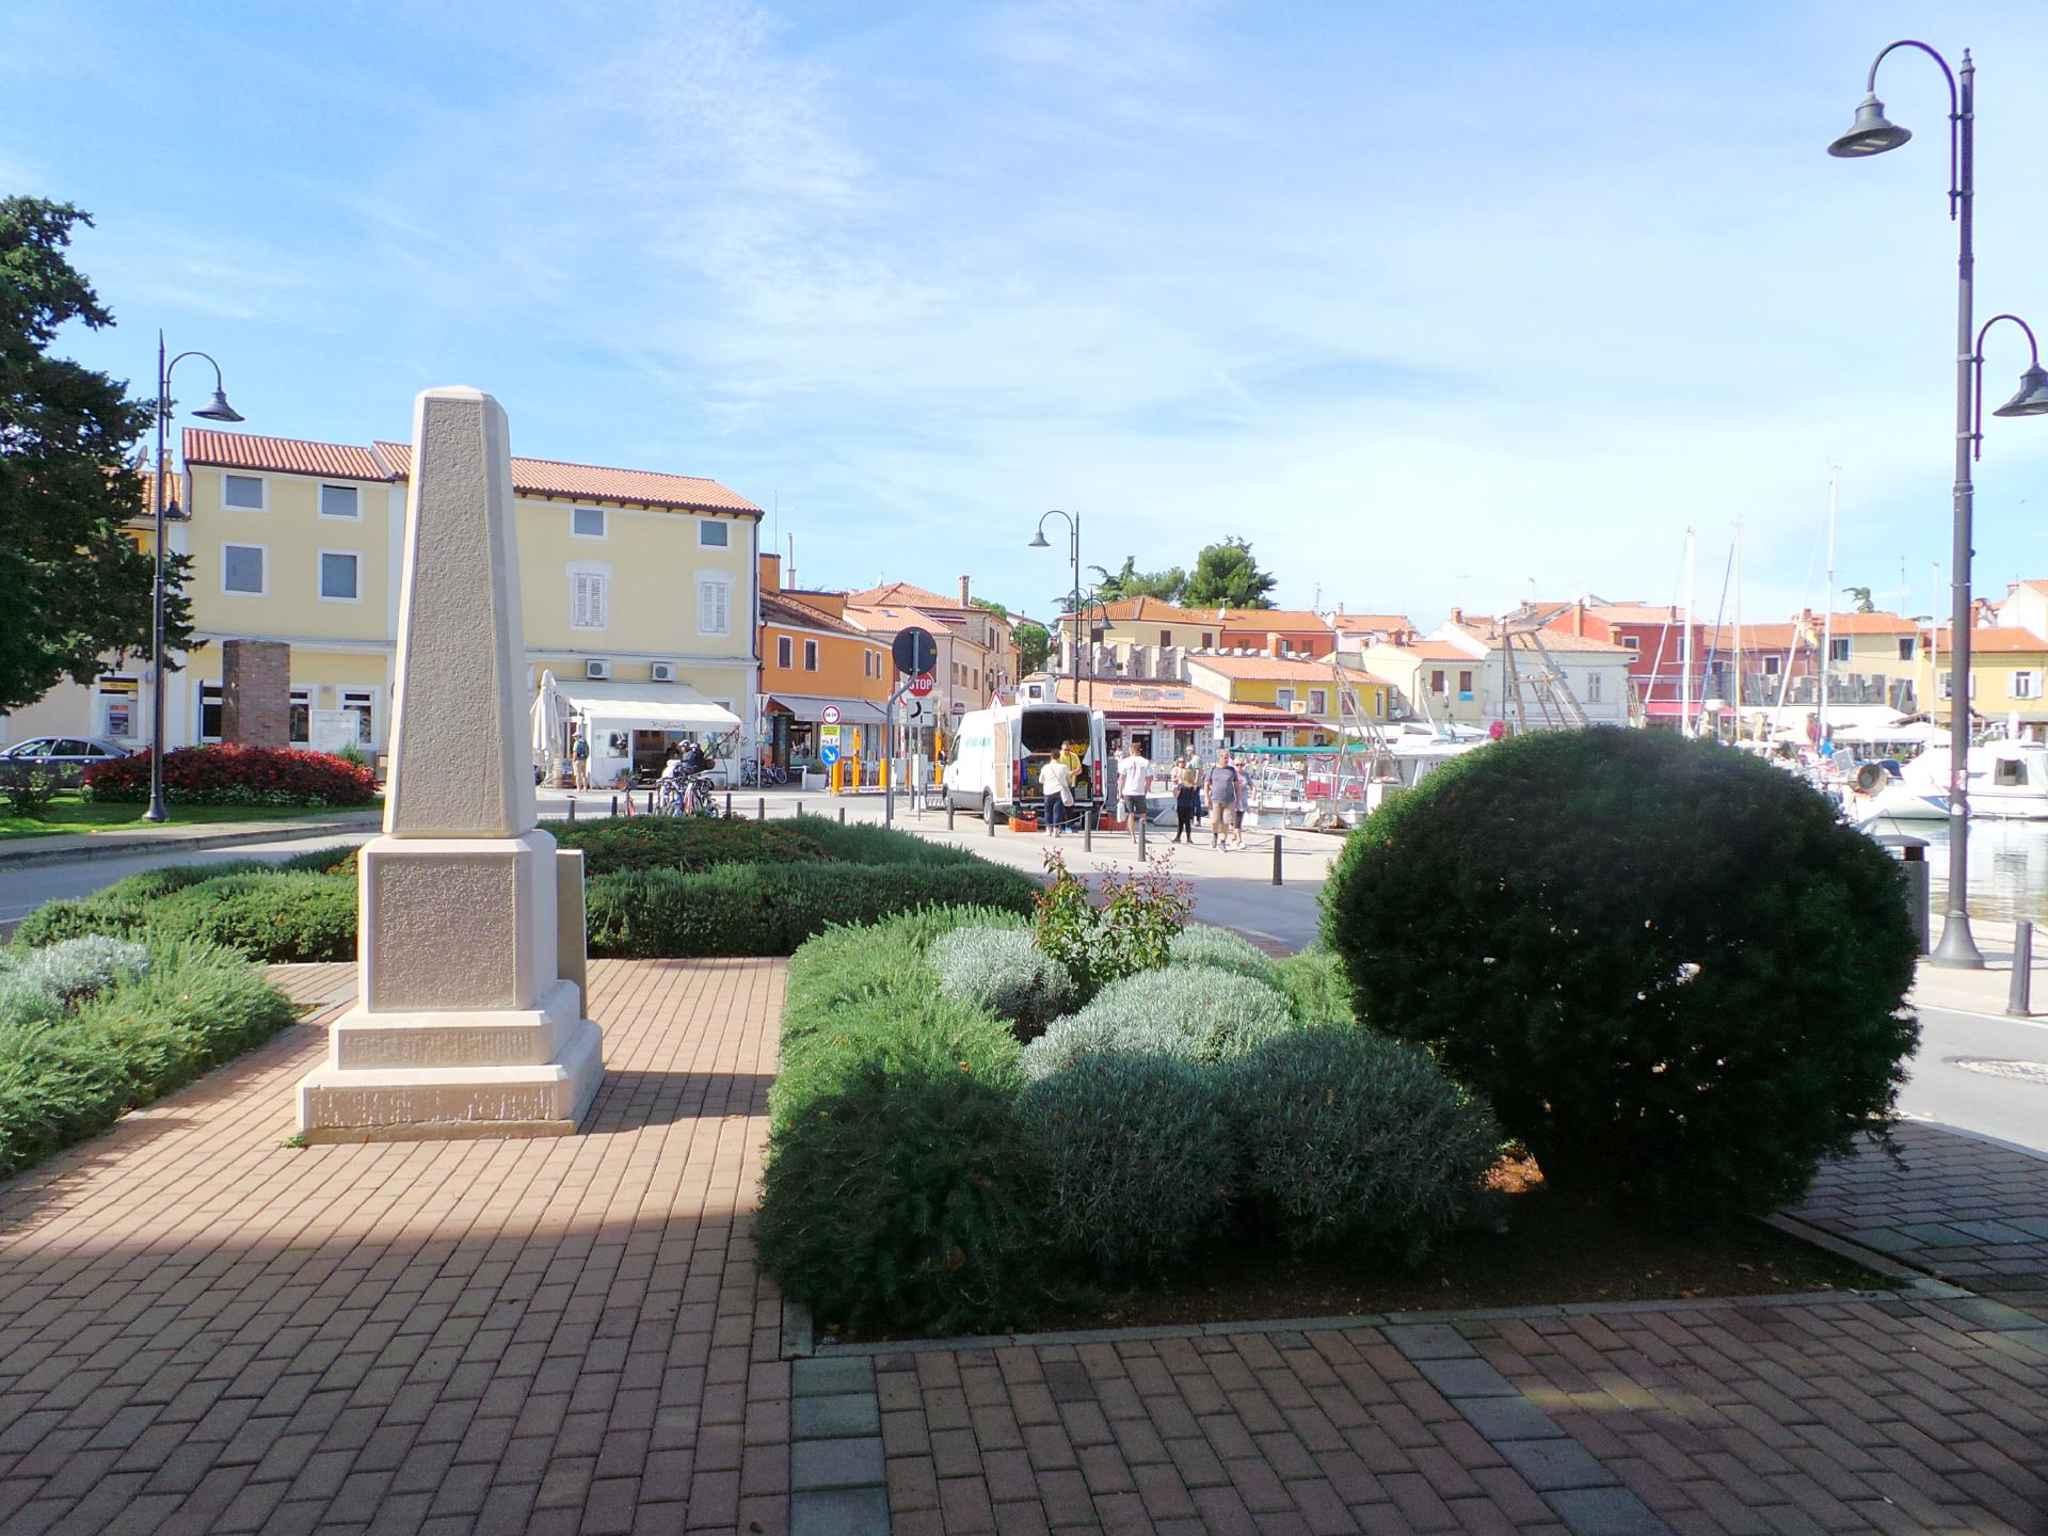 Ferienwohnung in Adrianähe mit Meerblick (278894), Zadar, , Dalmatien, Kroatien, Bild 22